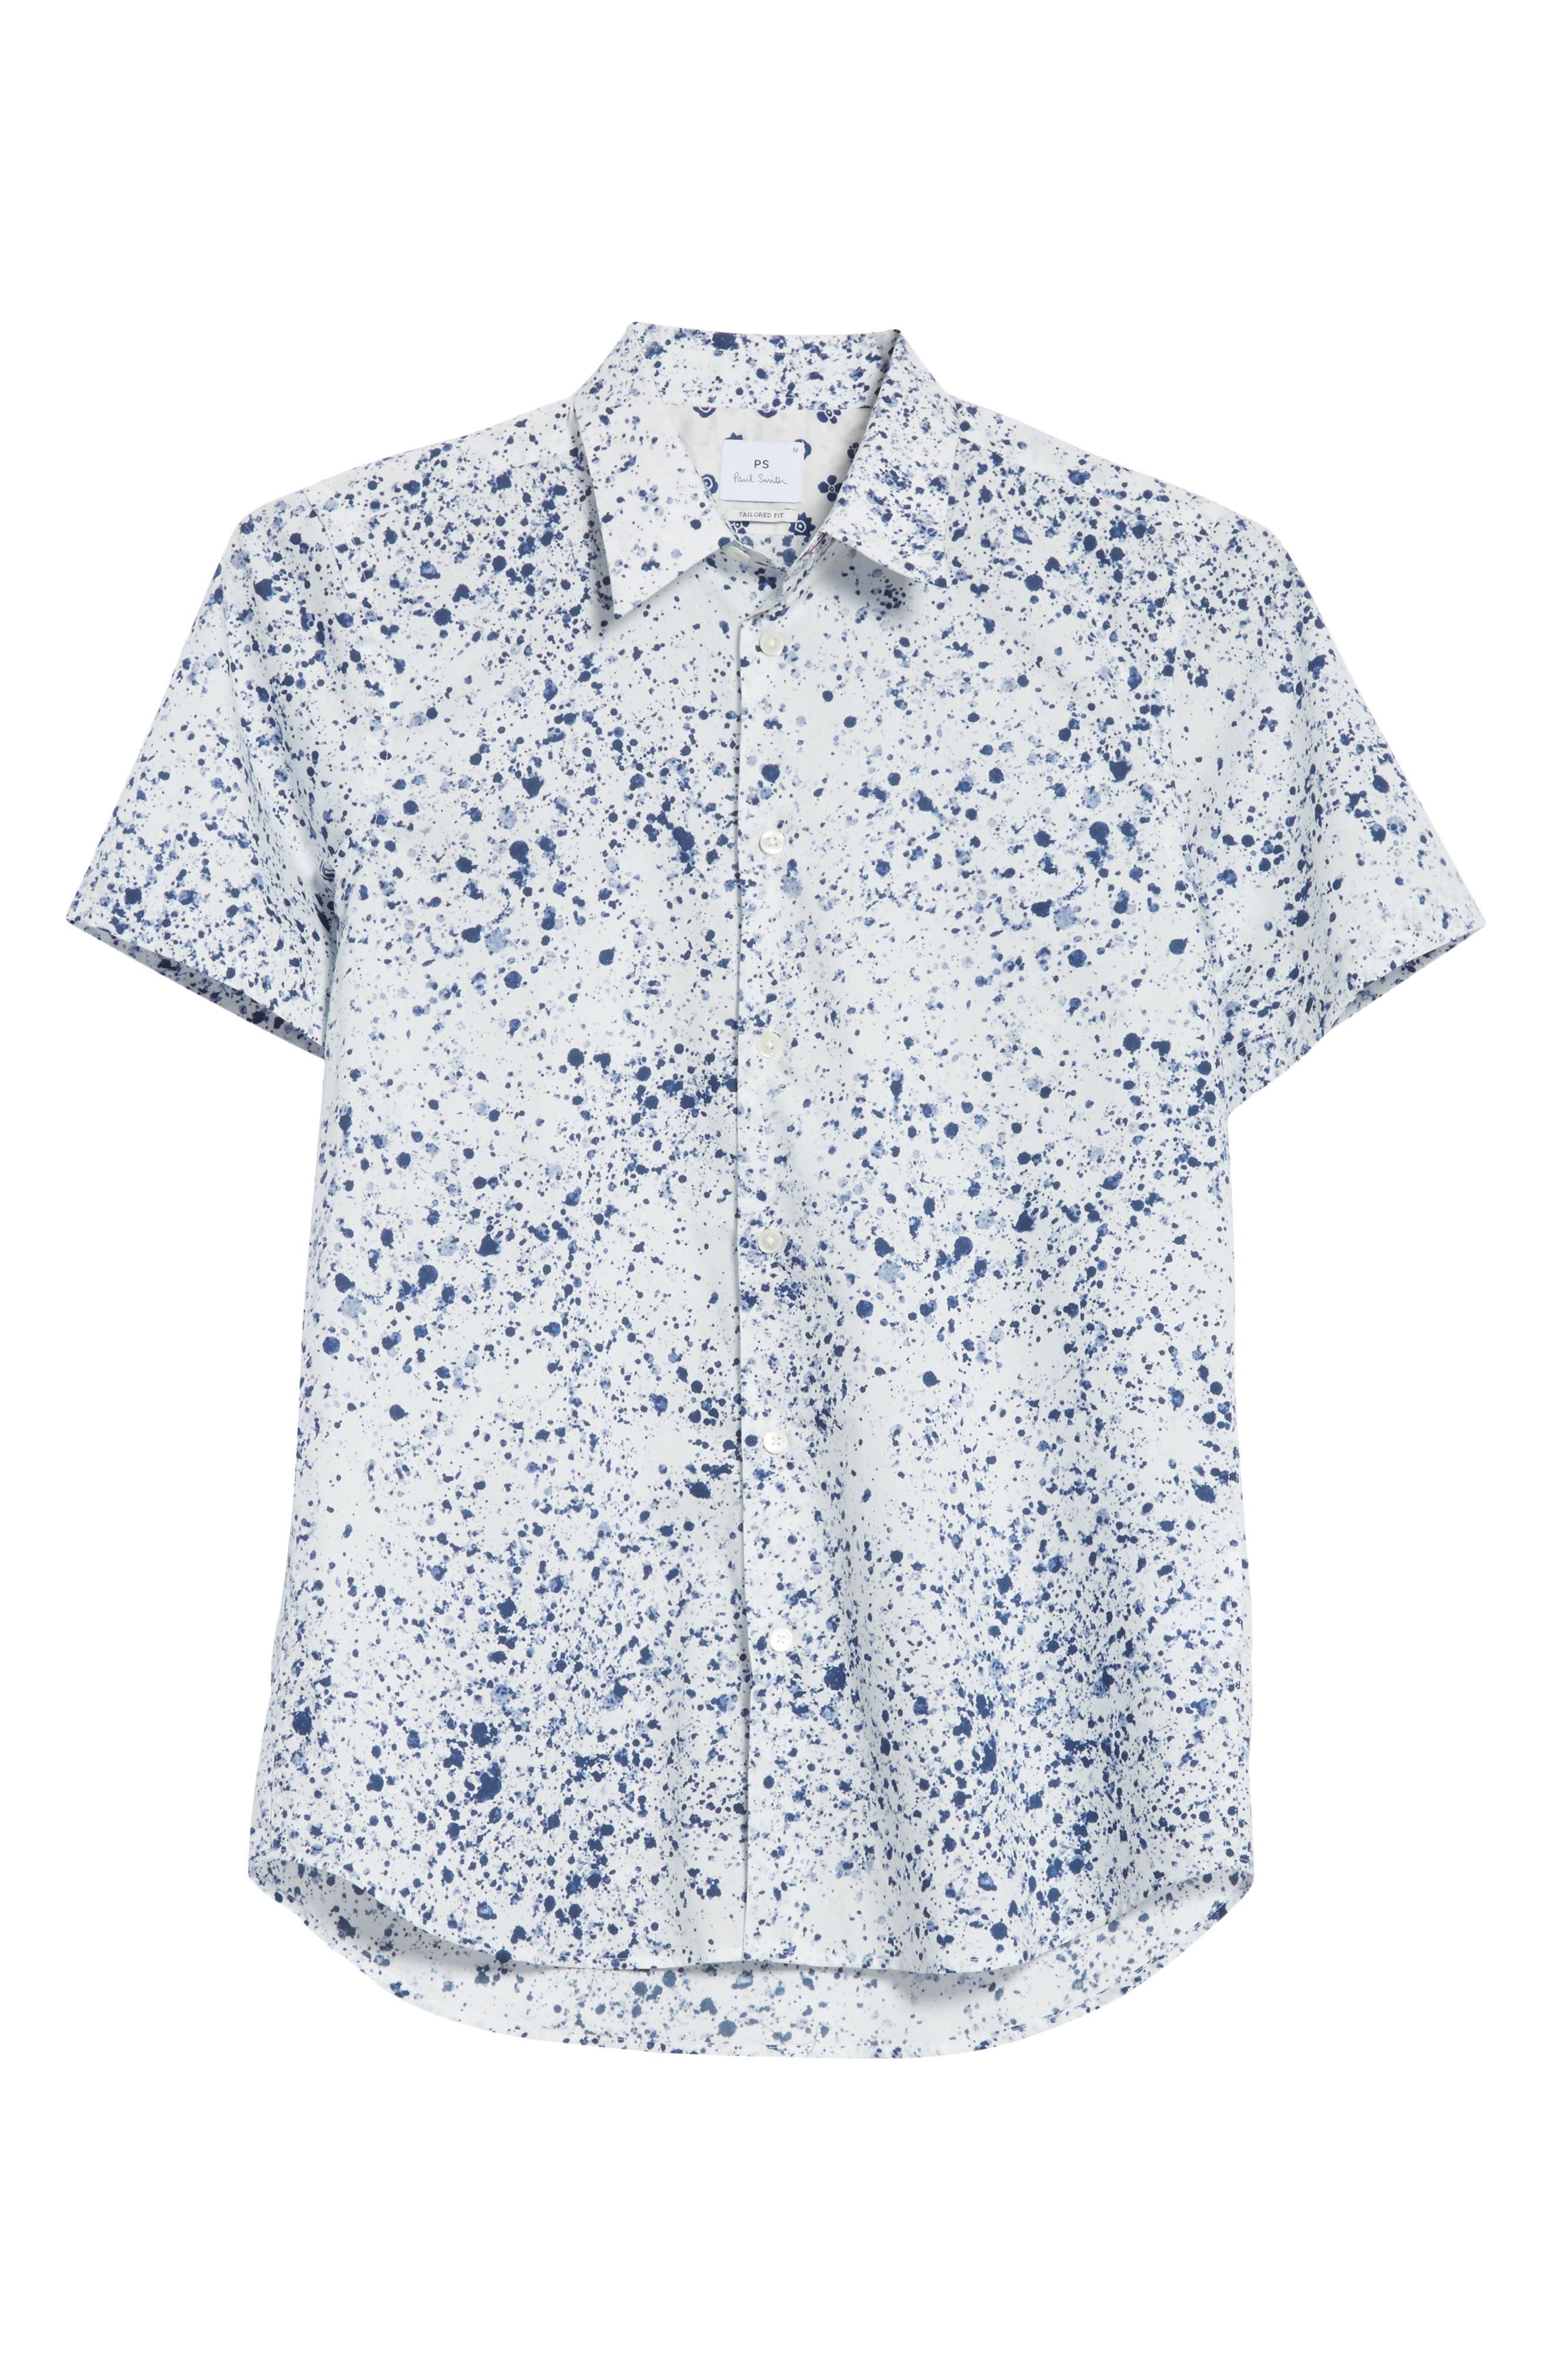 Splatter Print Shirt,                             Alternate thumbnail 6, color,                             White